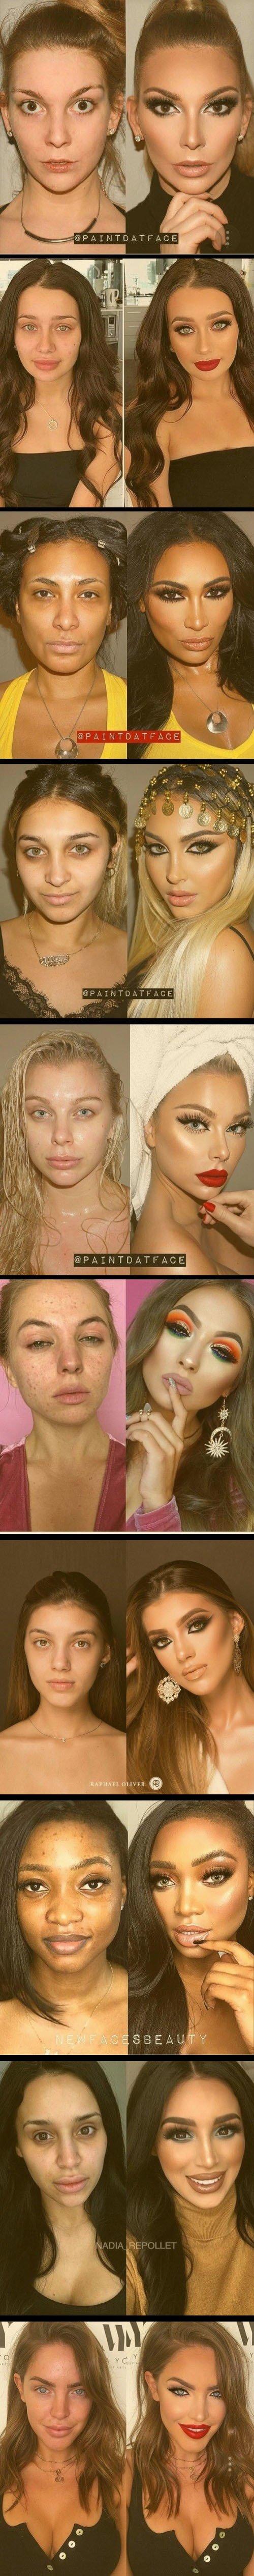 Meme_otros - El gran cambio de una mujer con y sin maquillaje